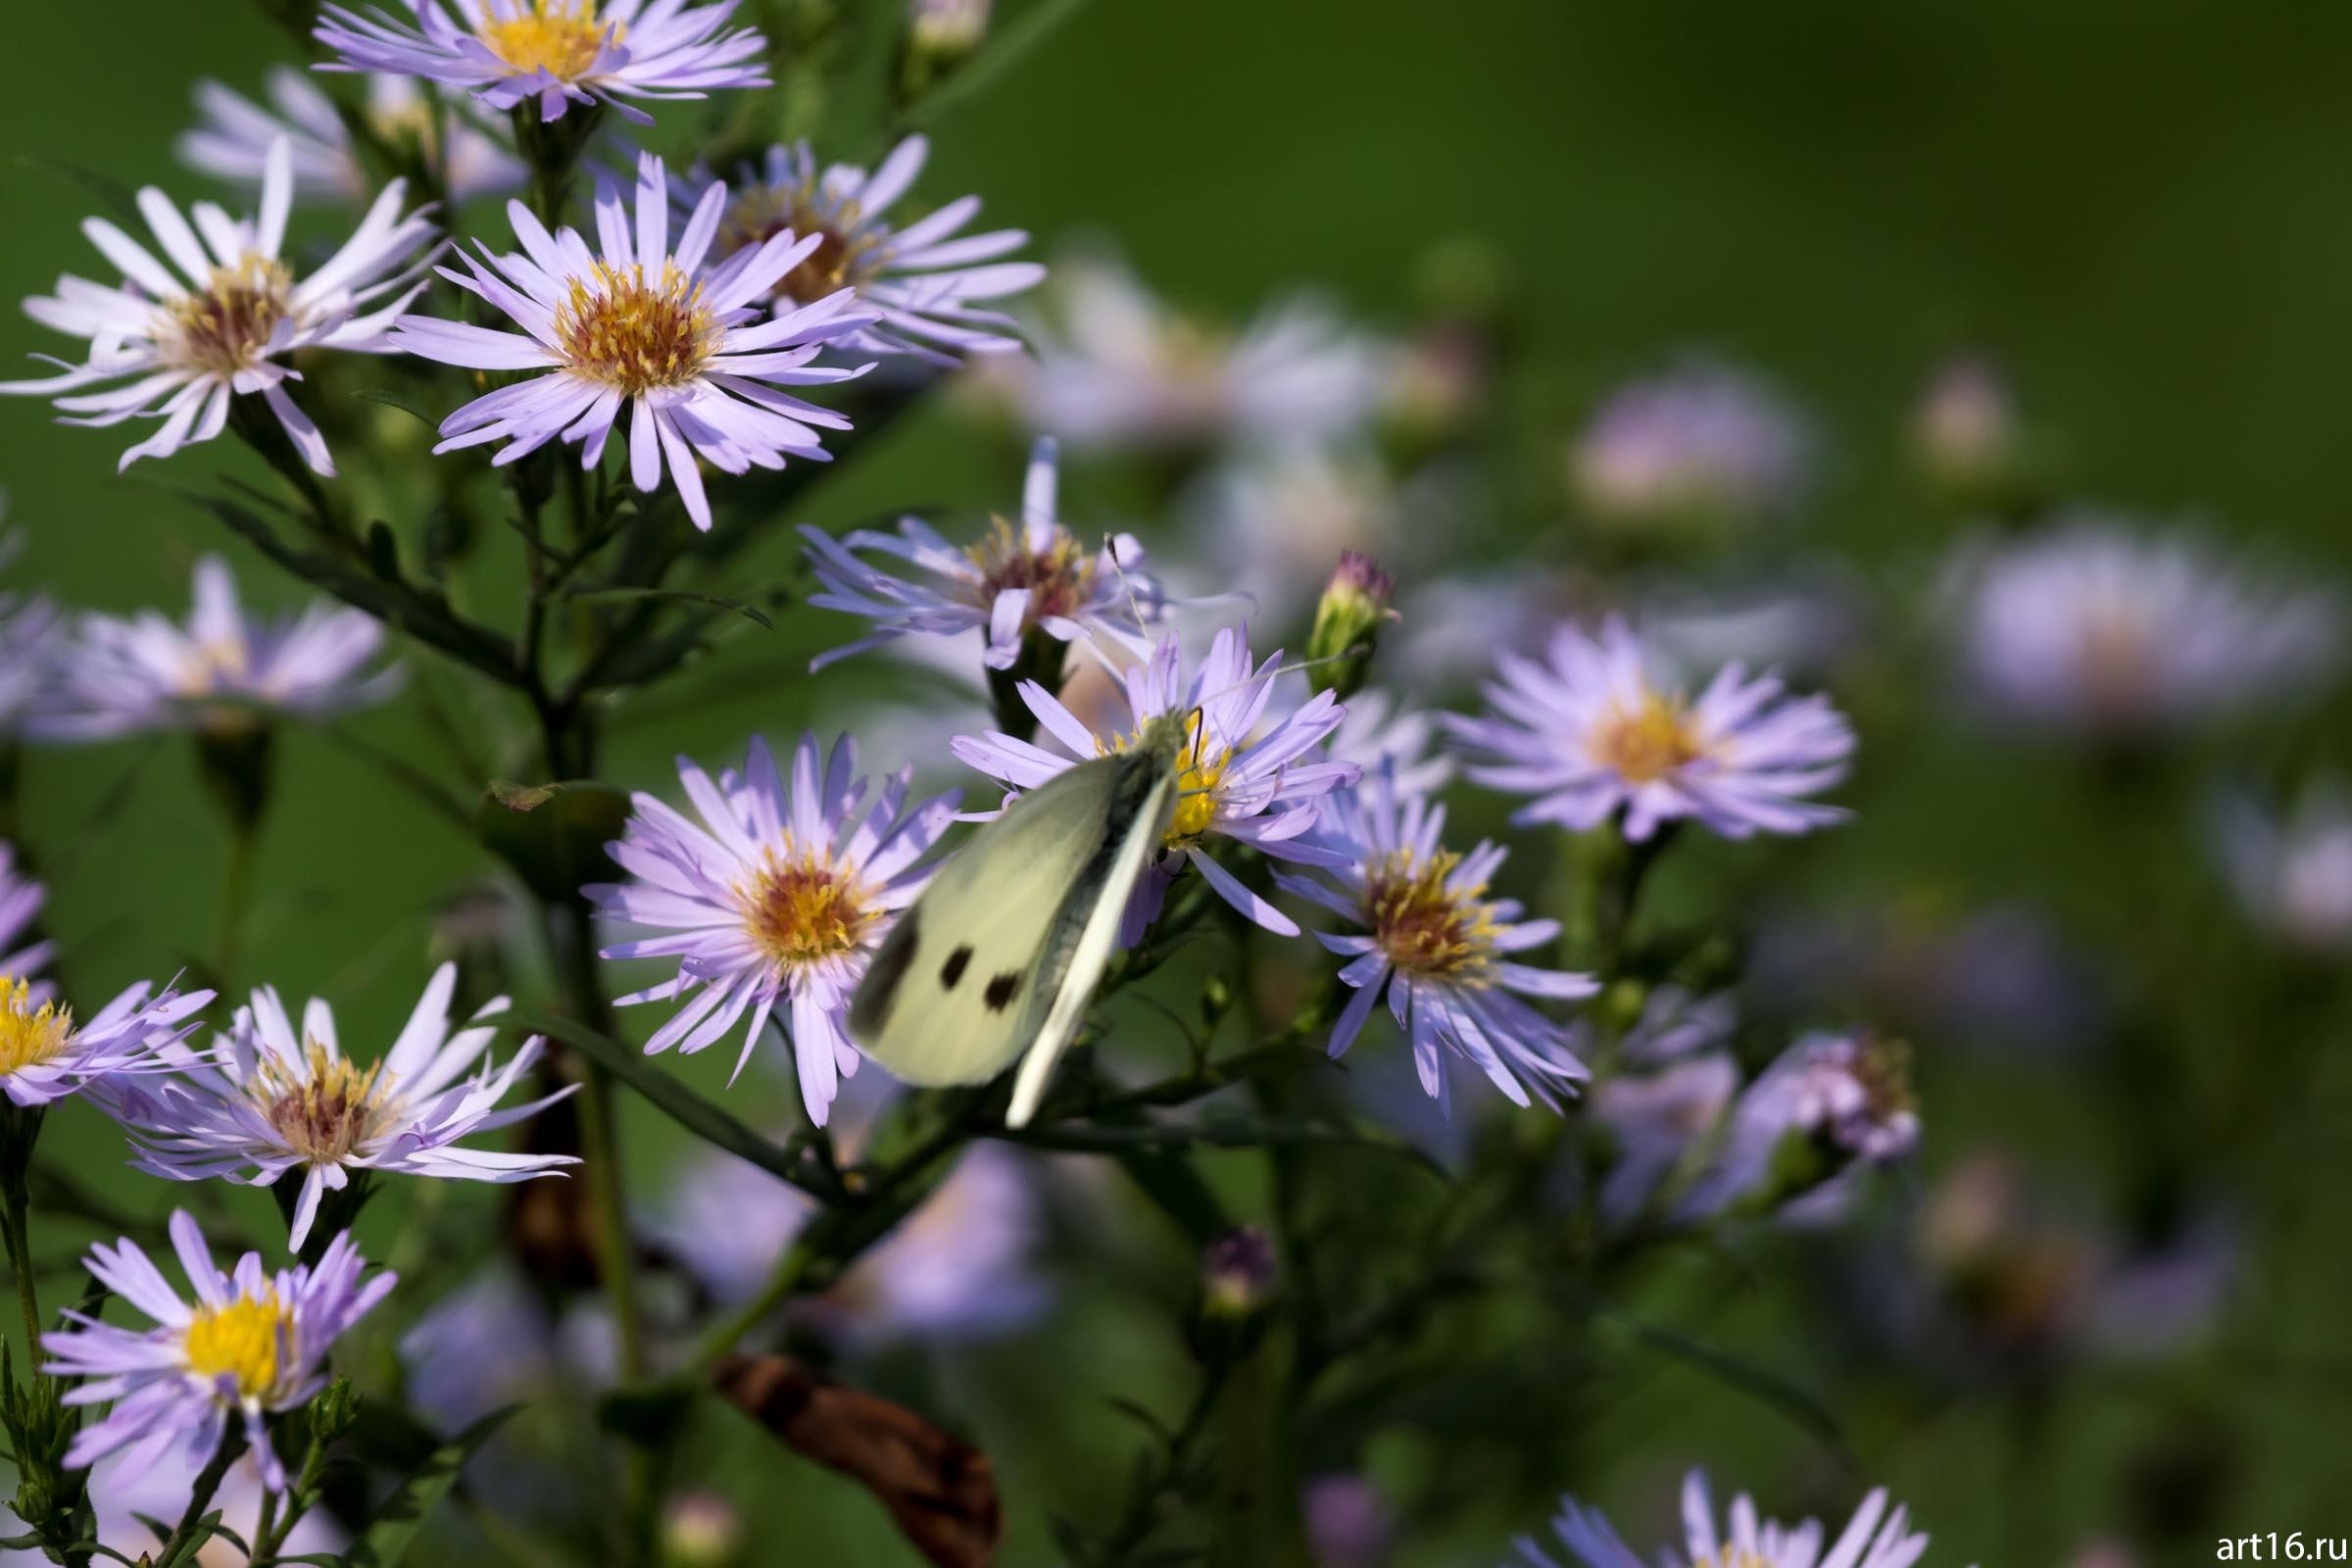 Капустница на цветке синей садовой ромашки::Зарисовки. Природа